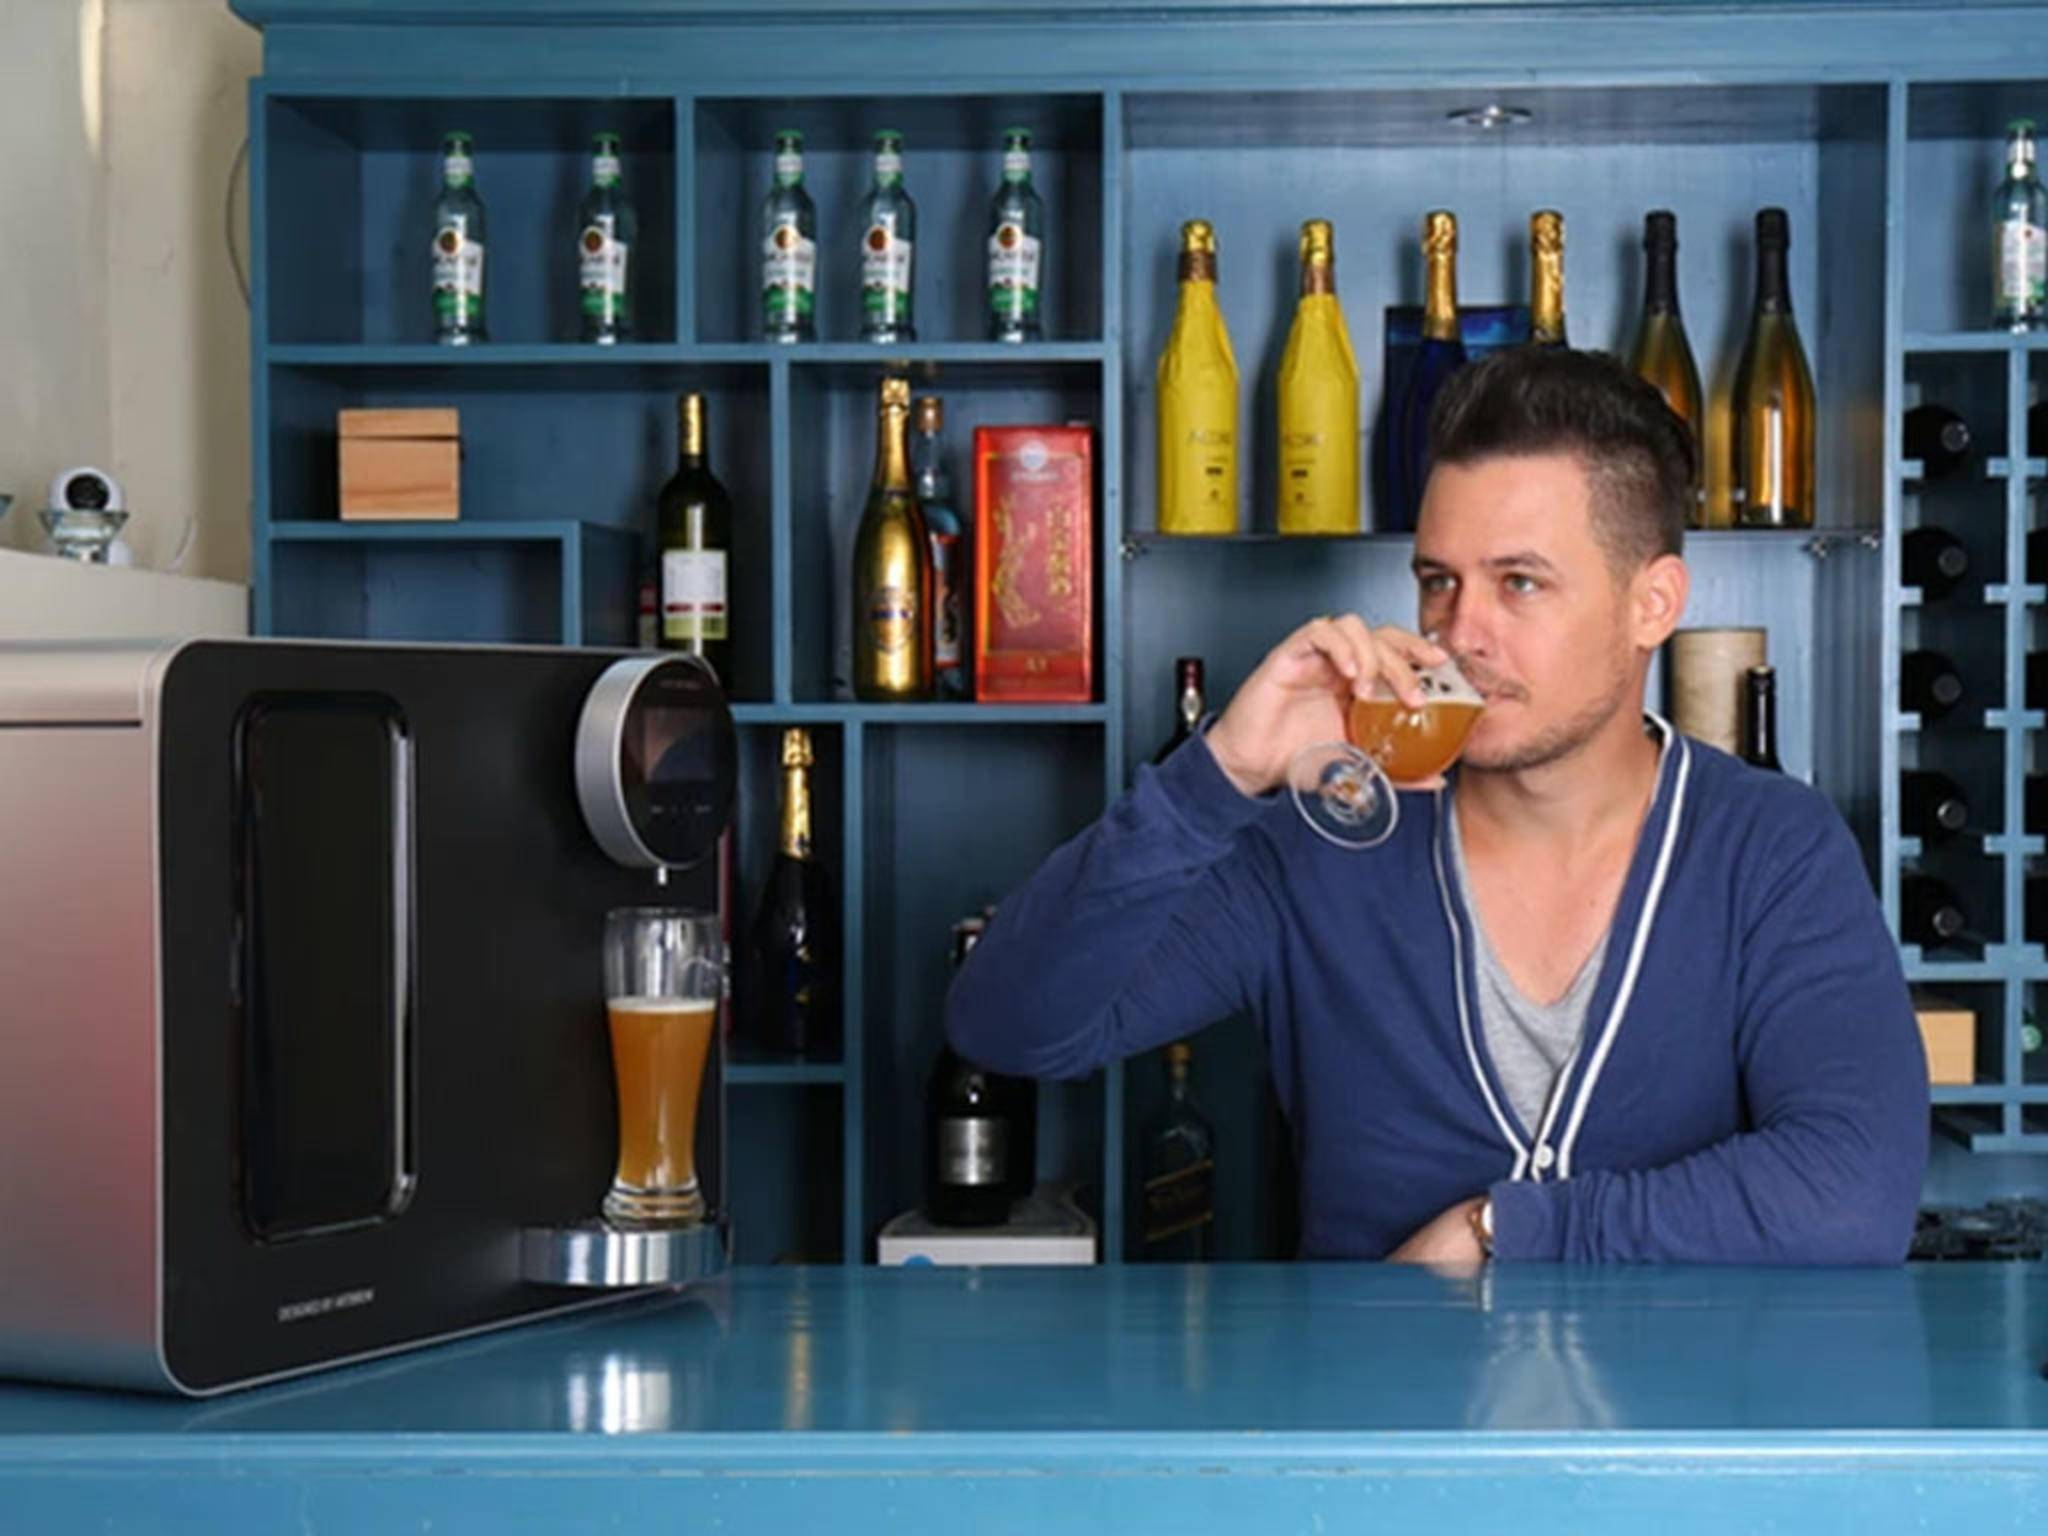 Mit Artbrew kann man das eigene Bier in der Hausbar genießen.